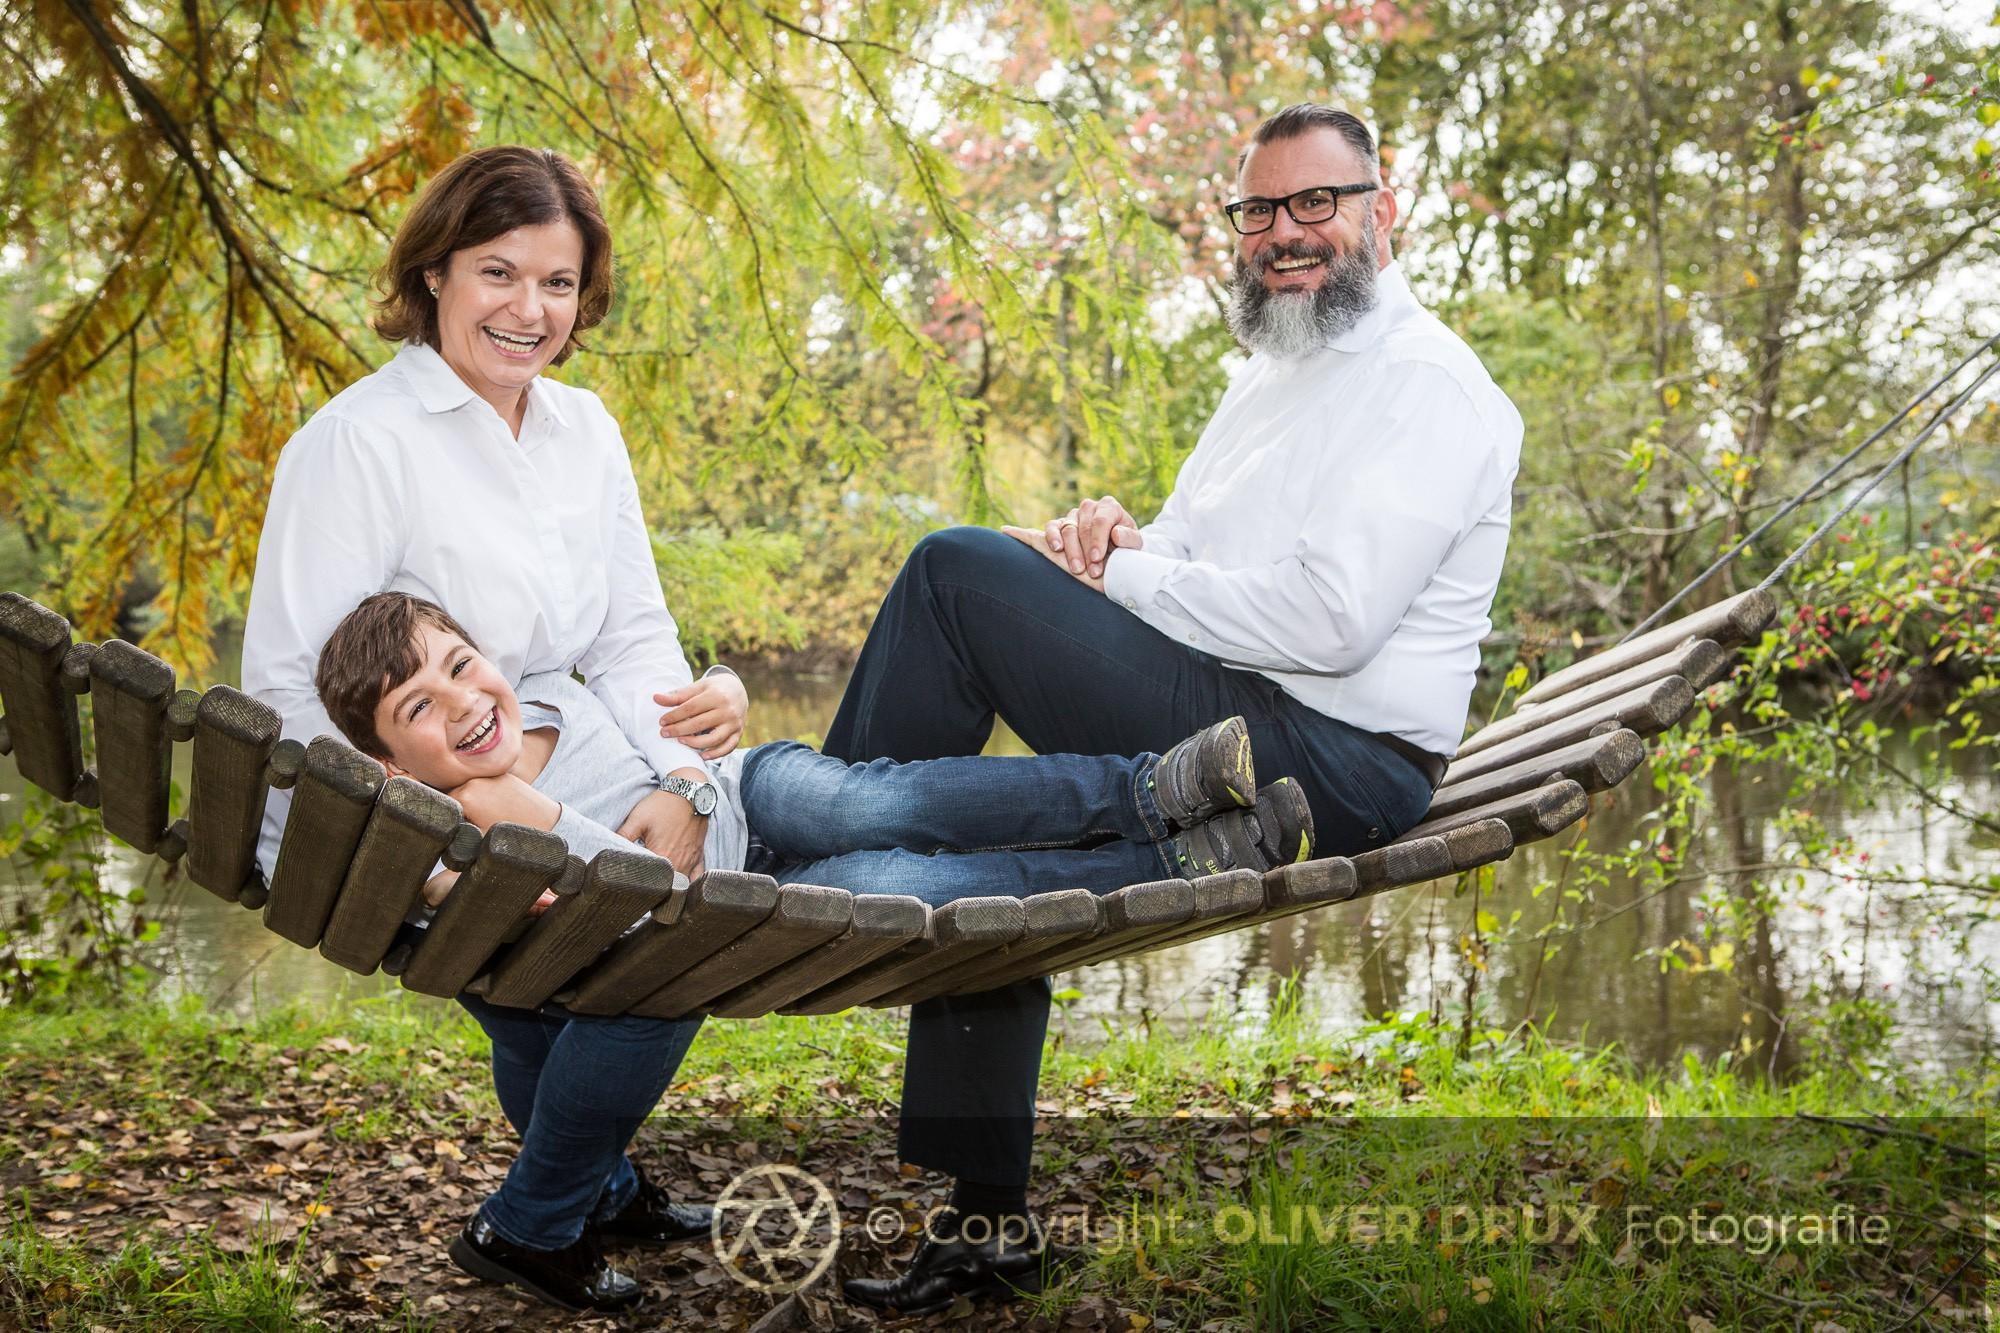 Junge-Familie-lacht